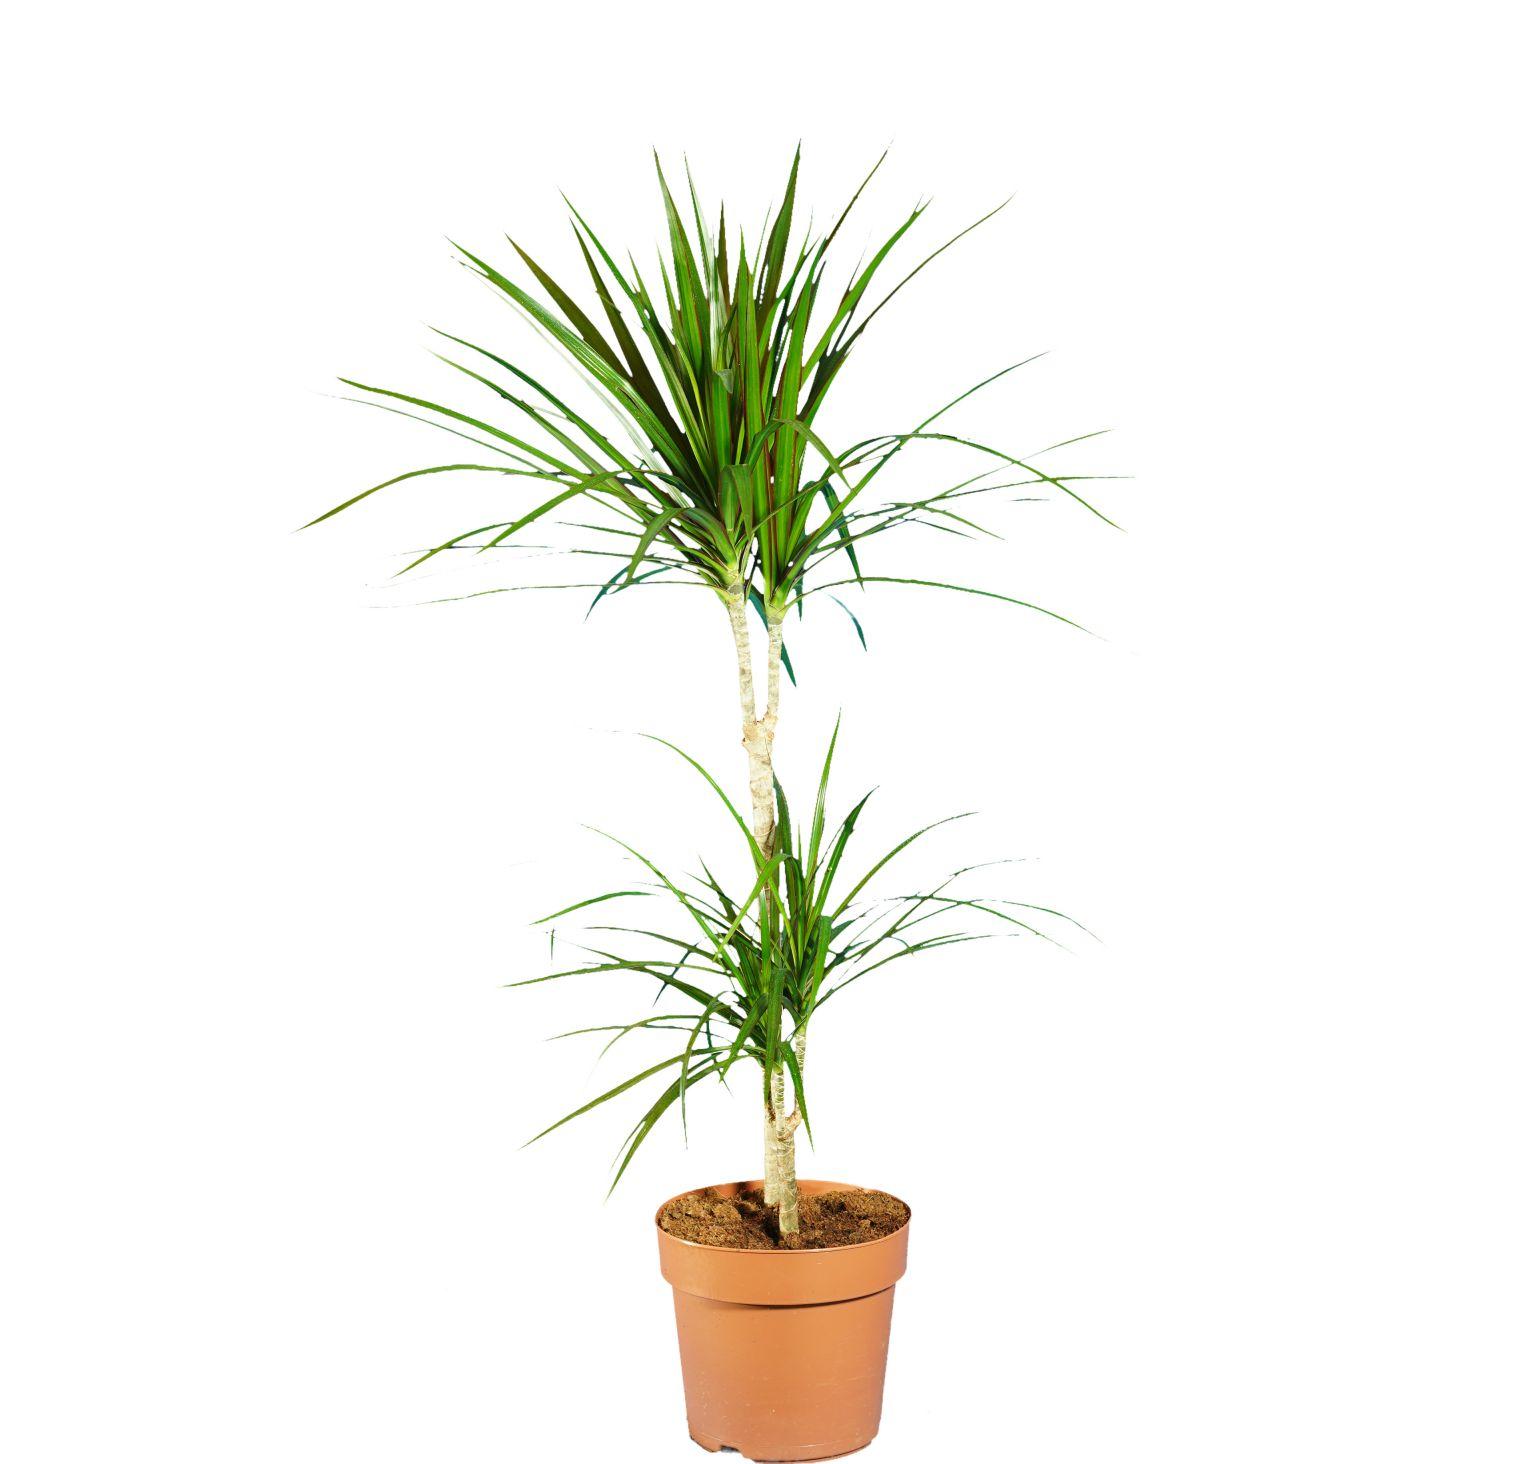 الخيزران مارجيناتا نباتات داخلية